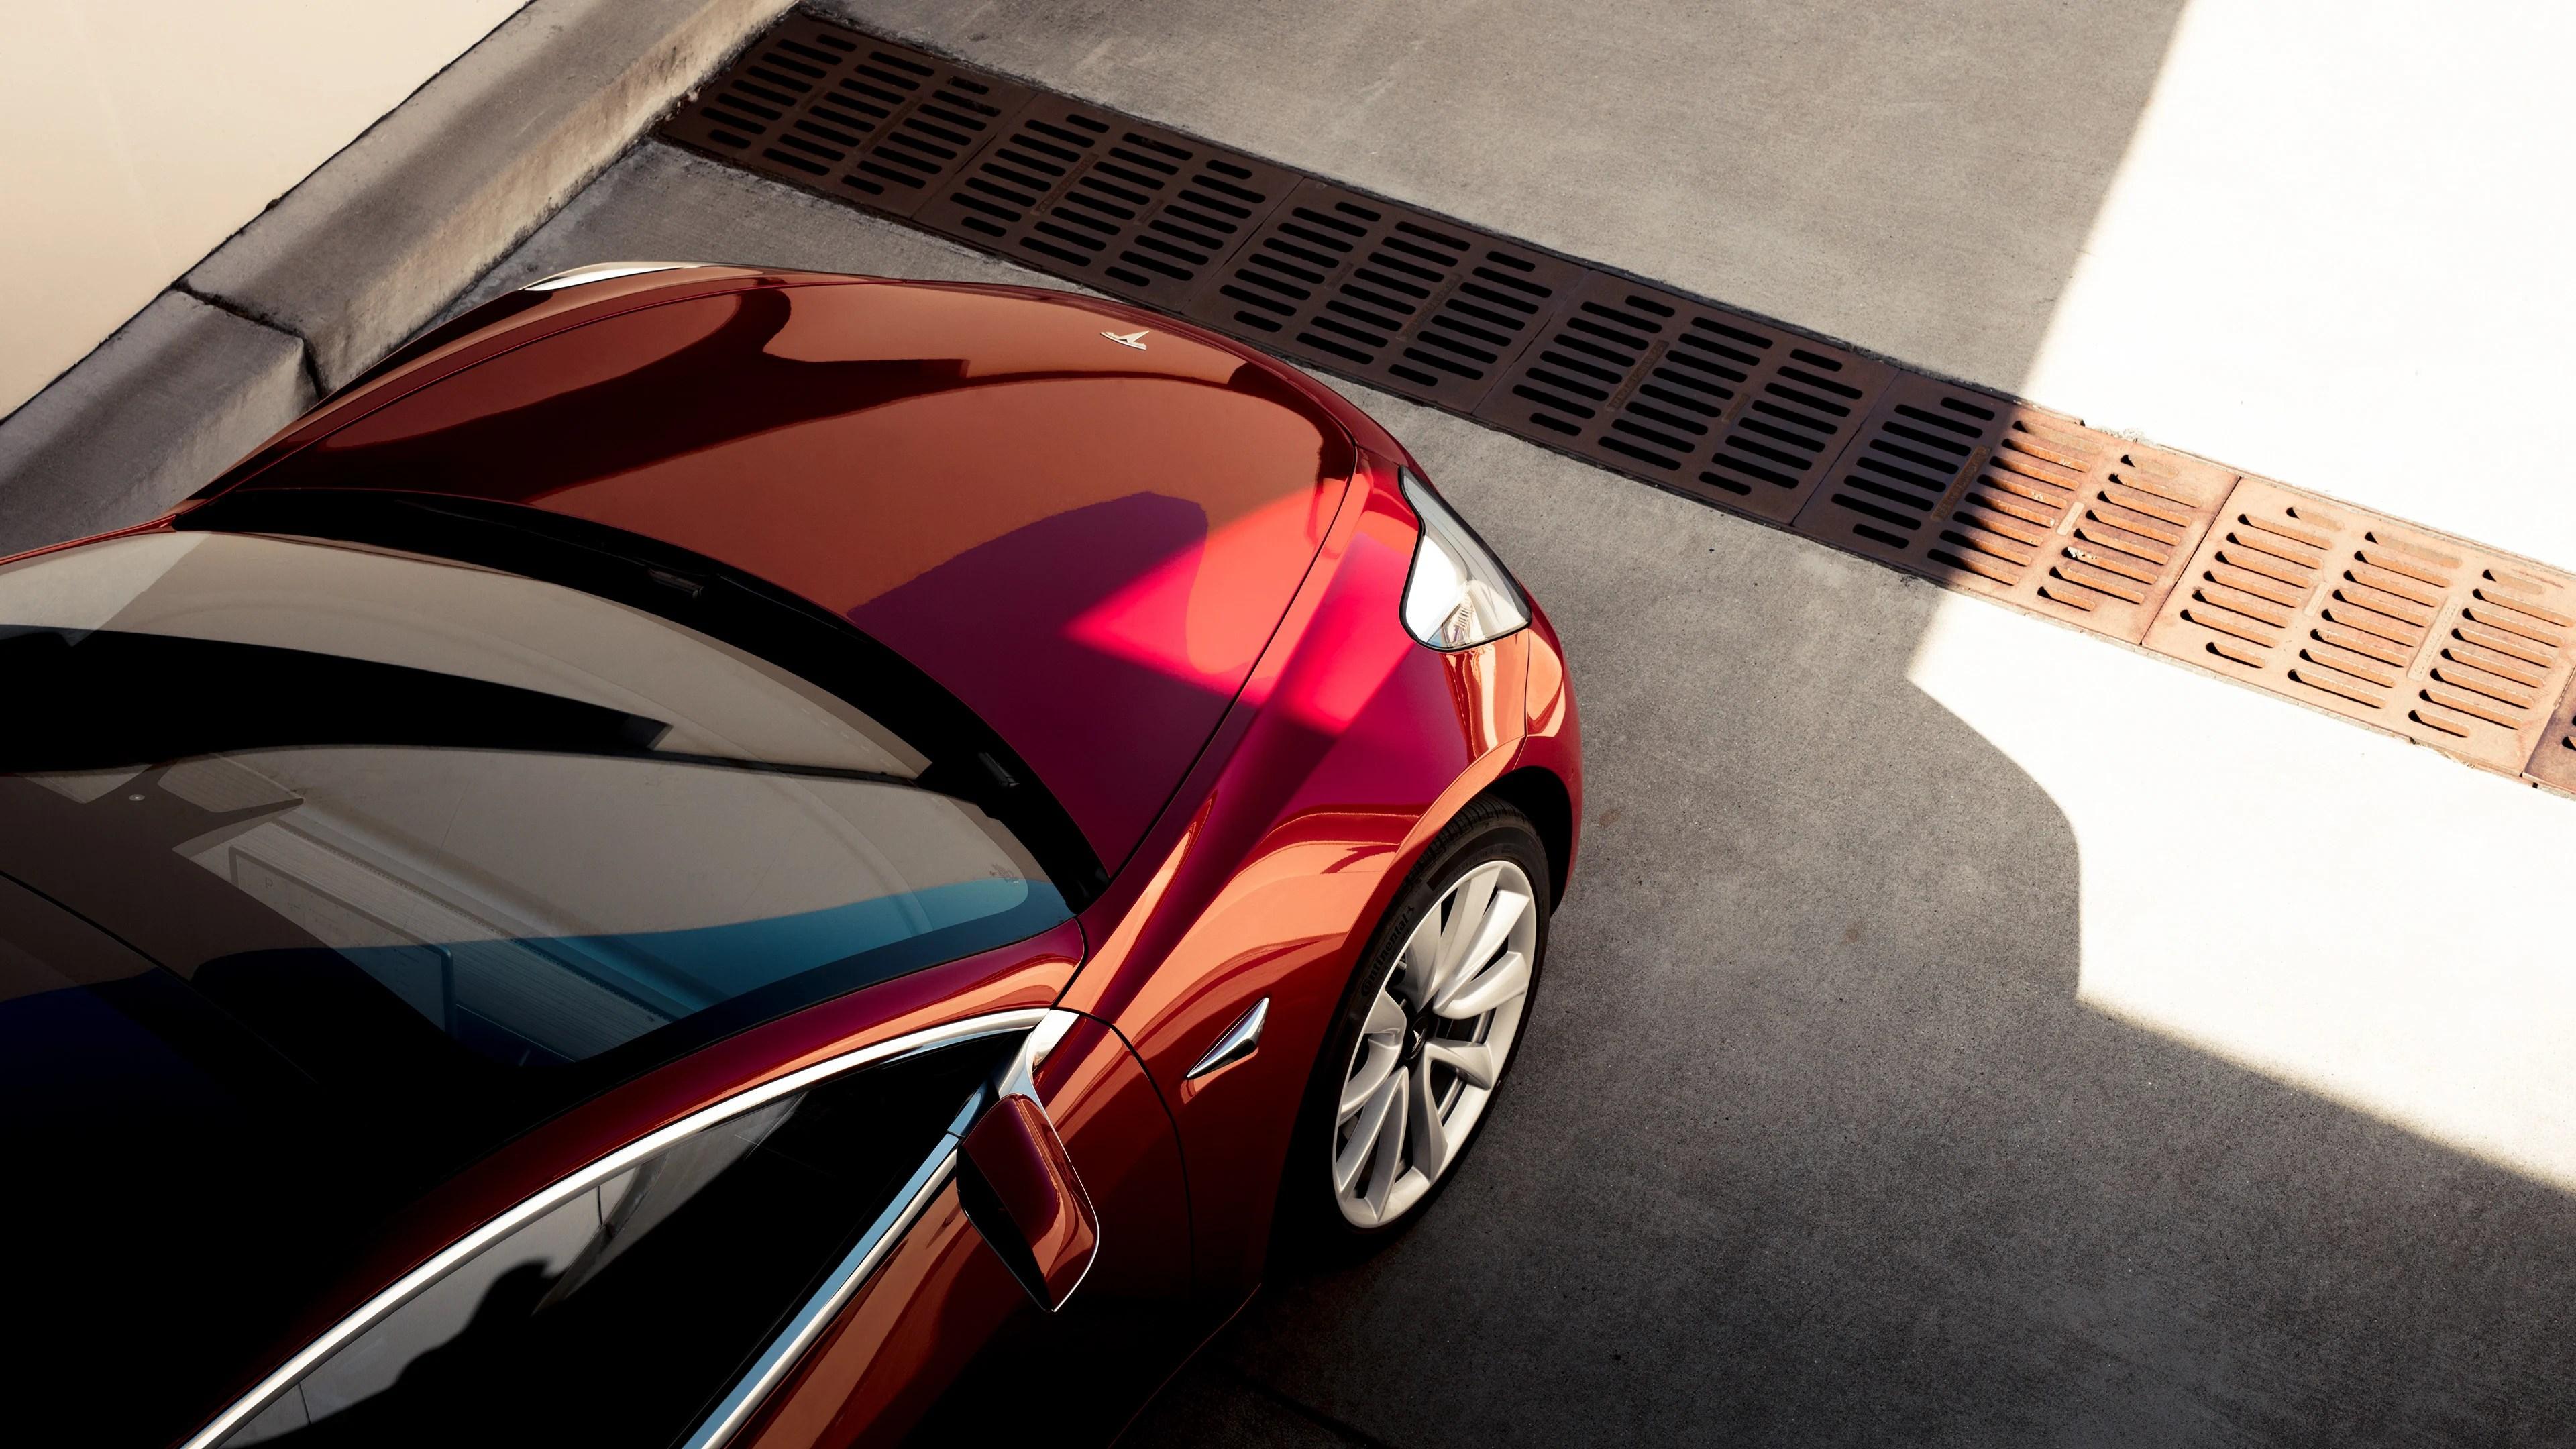 Contre le froid hivernal, Tesla met à jour son application mobile avec de nouvelles options